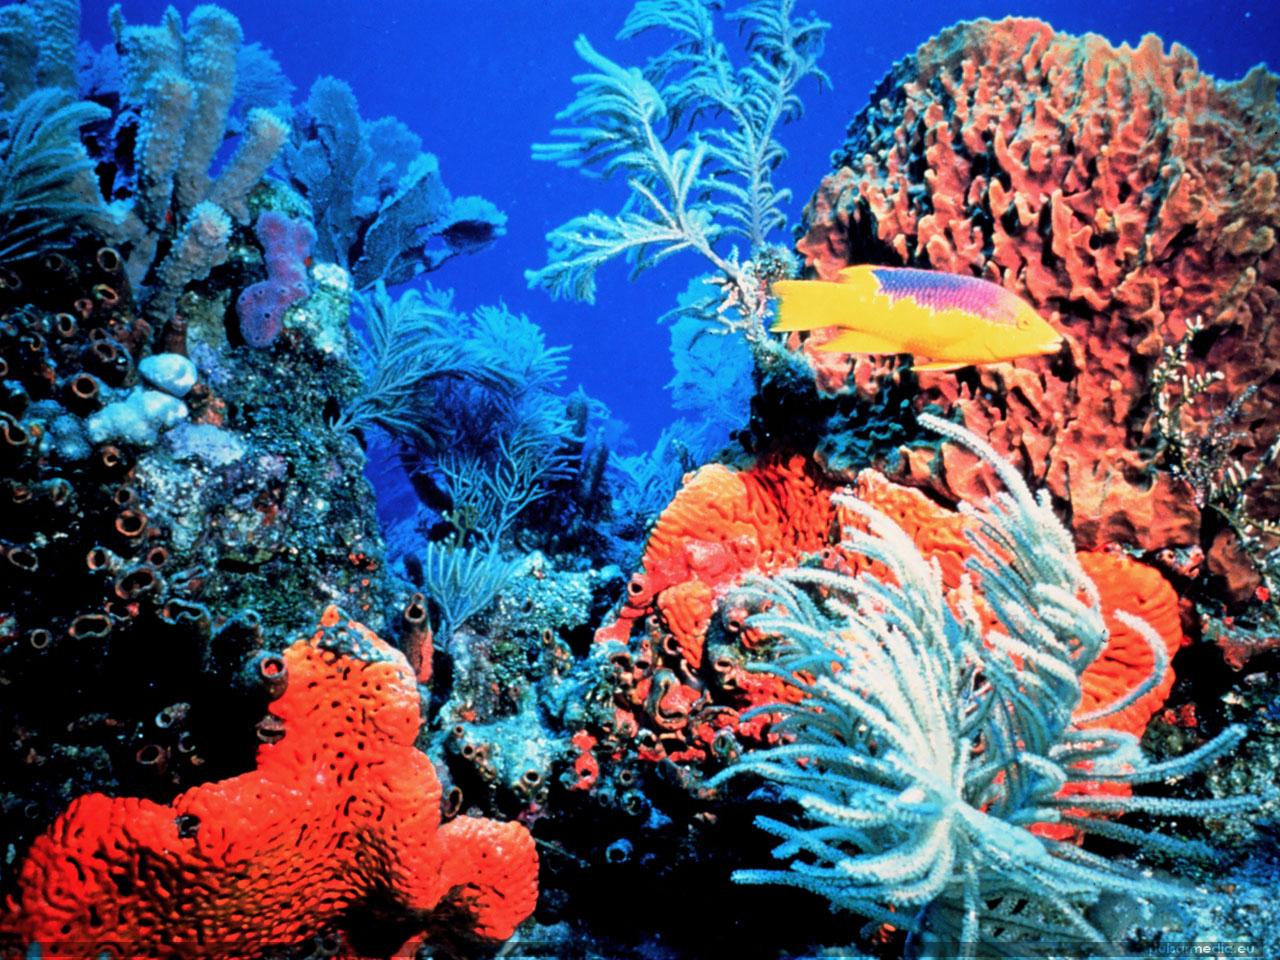 Keys reefs